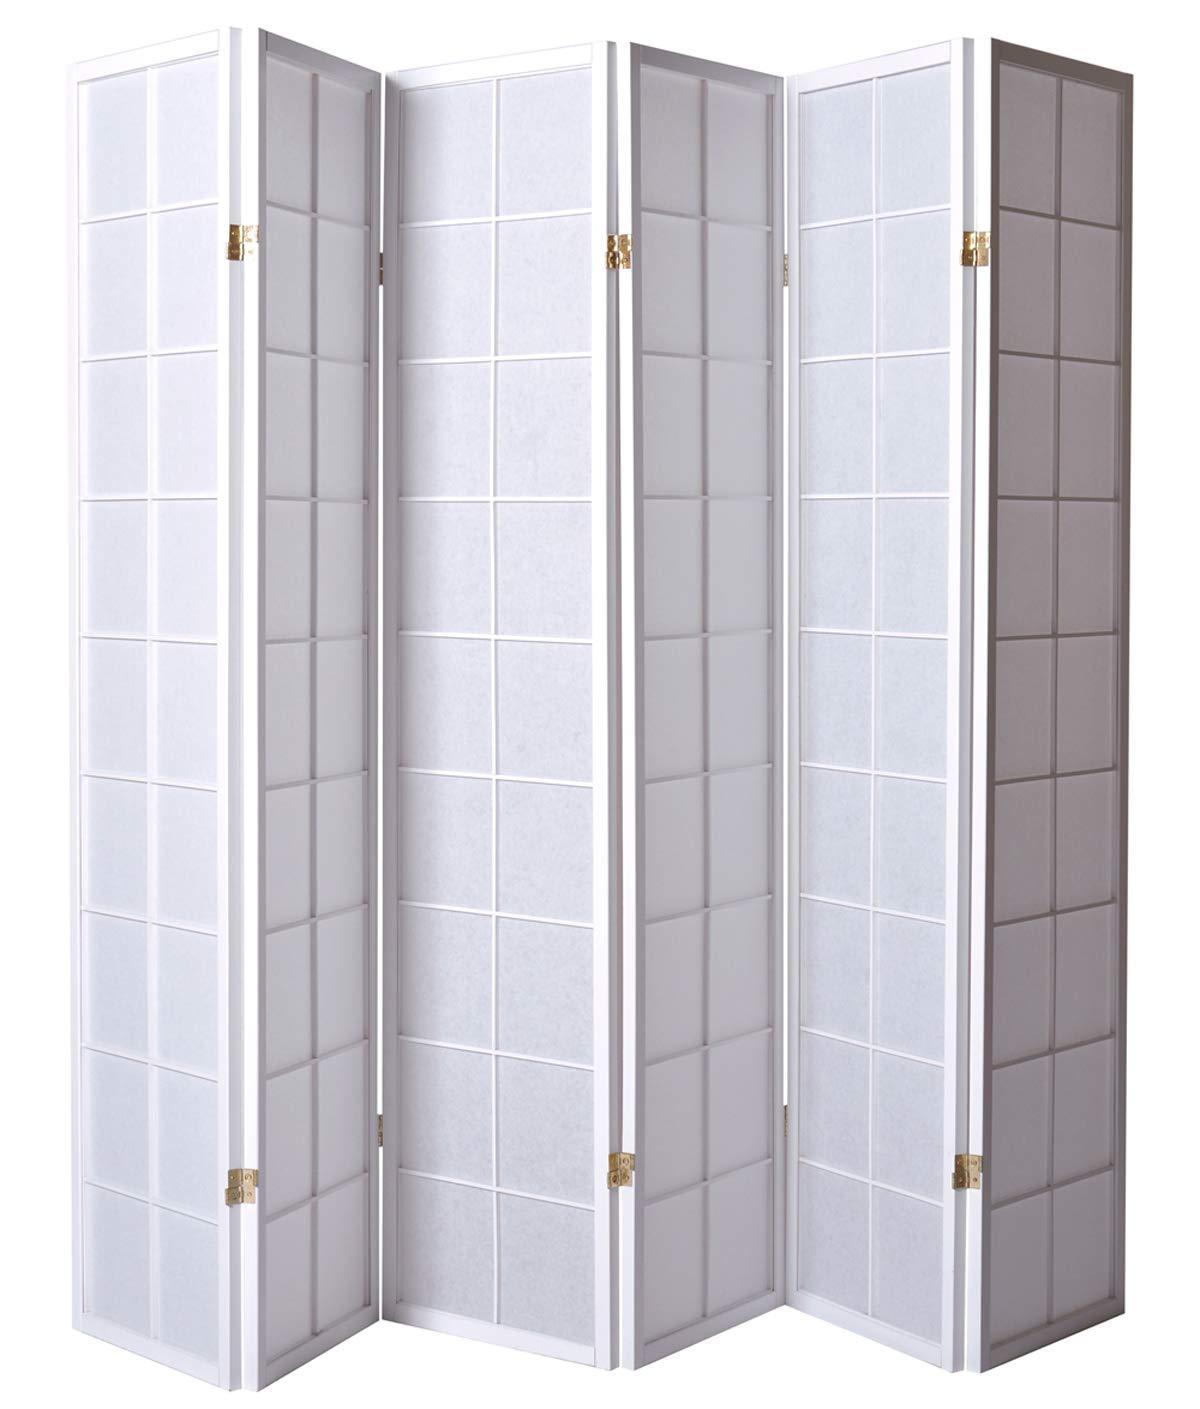 PEGANE Paravento giapponesi grandi vetri bosco bianco e carta di riso - 6 pannelli - Dim: H 178, 6 cm